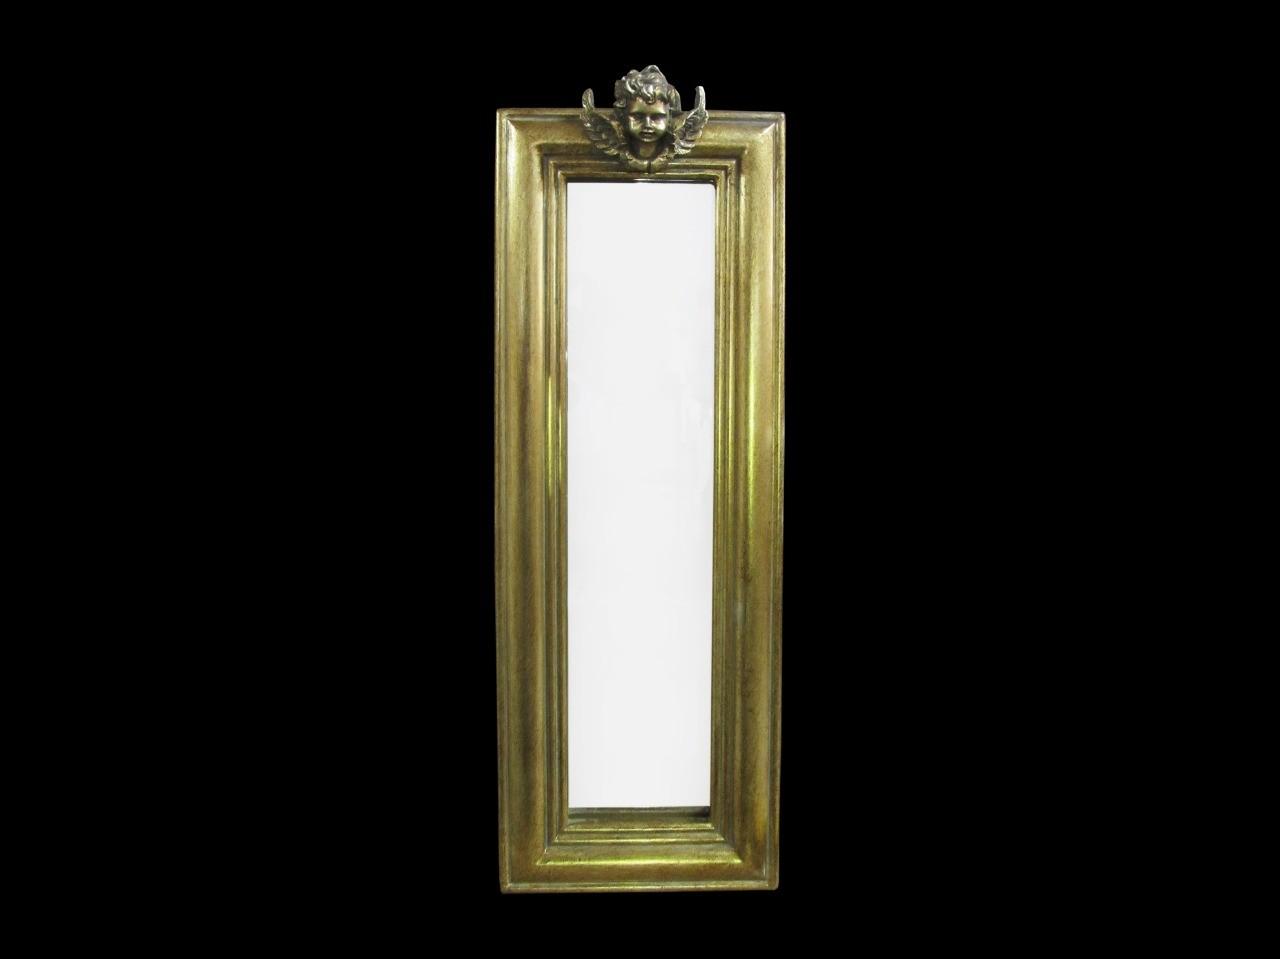 Espelho Retangular Grande Dourado Com detalhe de anjo - Frontier